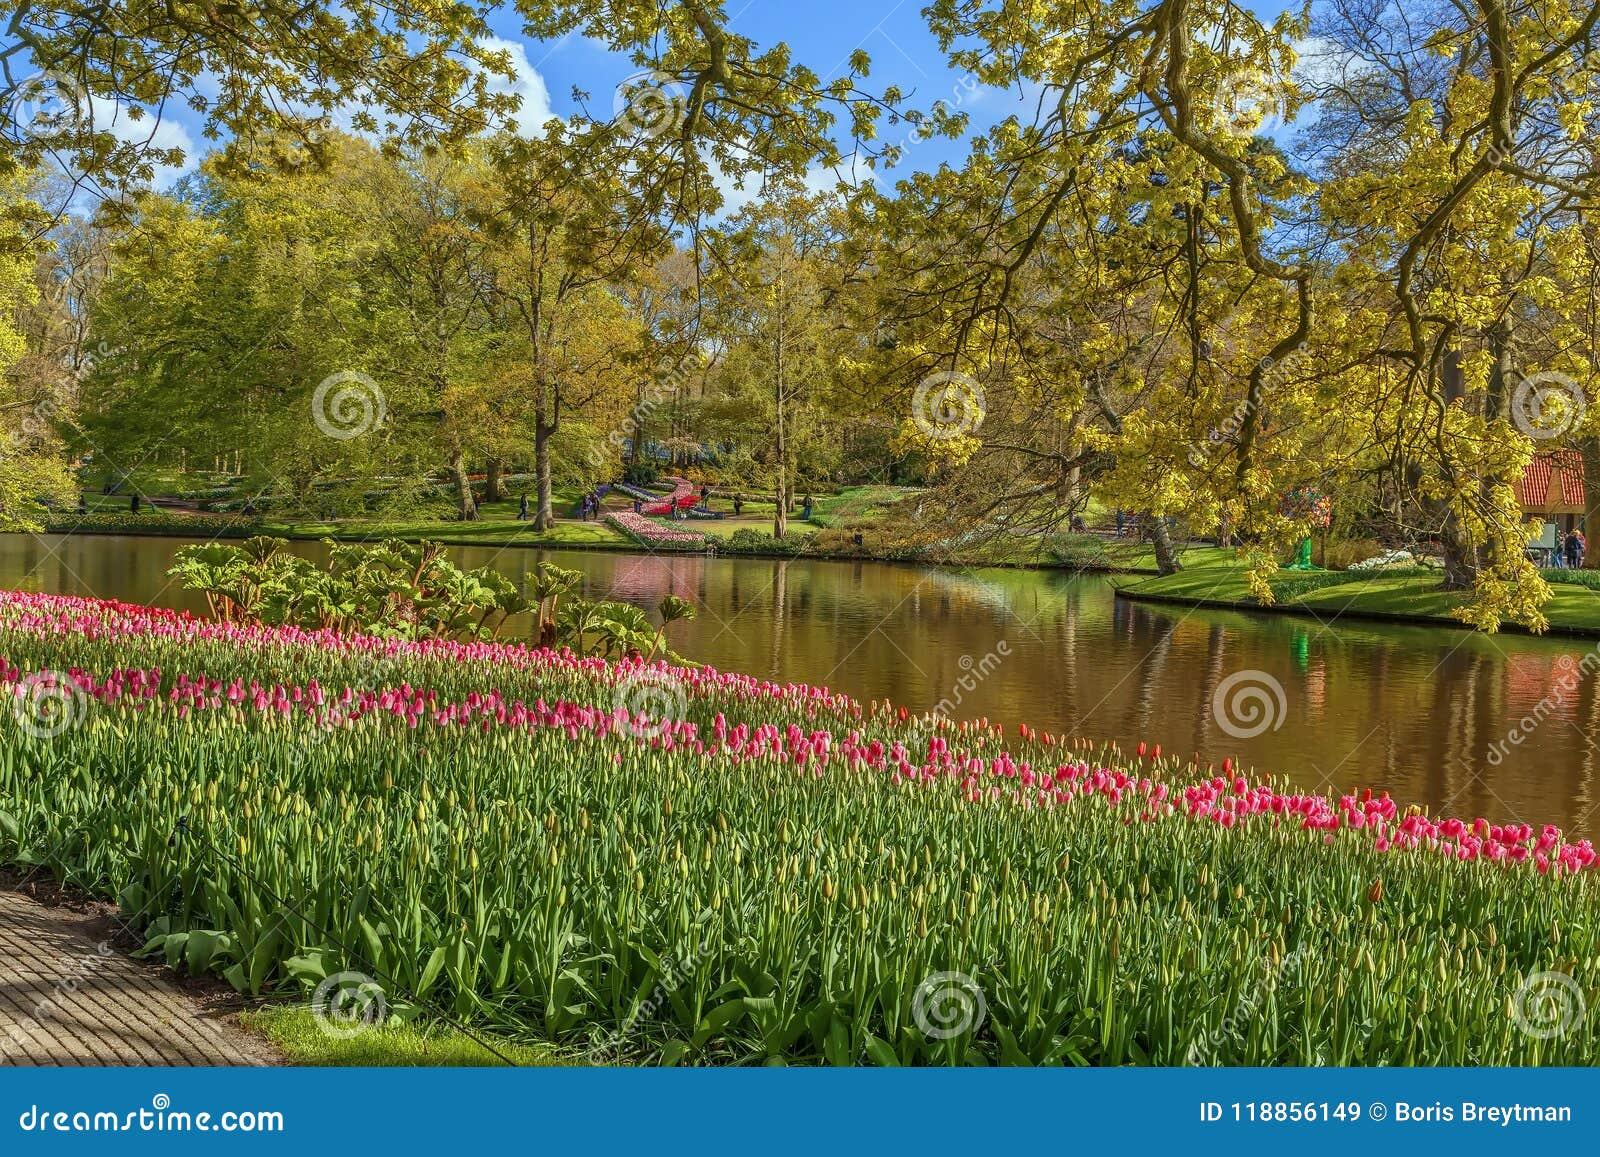 Flowerbed In Keukenhof Garden, Nederlands Stock Image - Image of ...